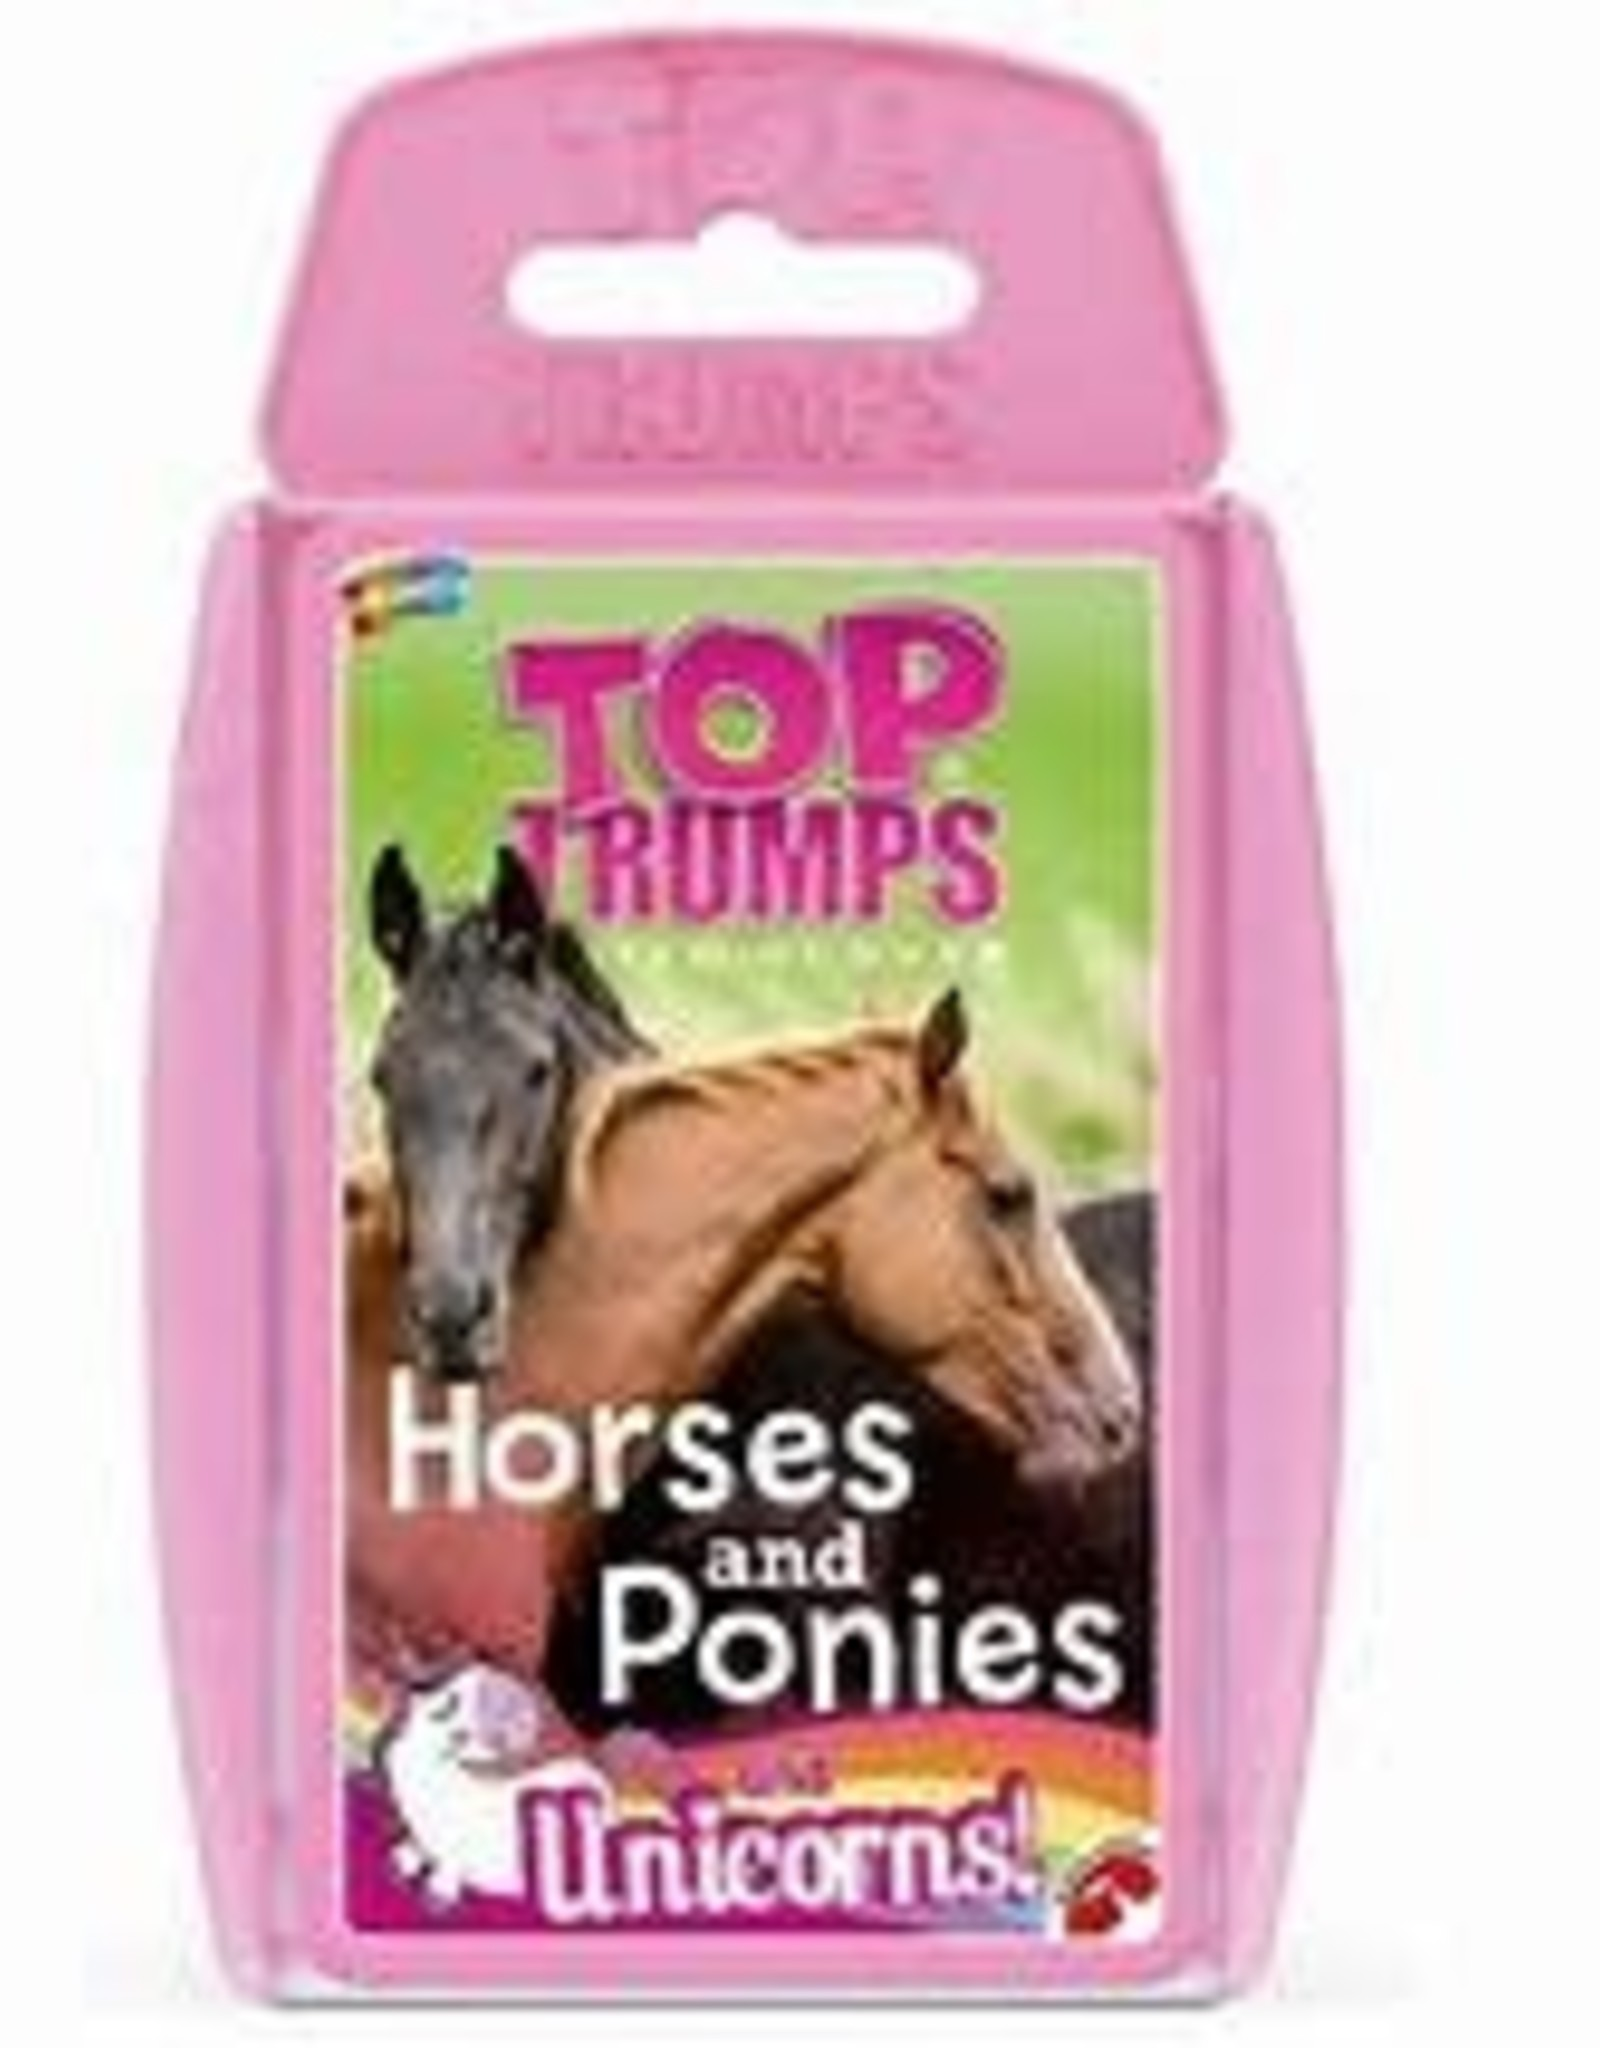 Top Trumps Horses, Ponies and Unicorns Top Trumps